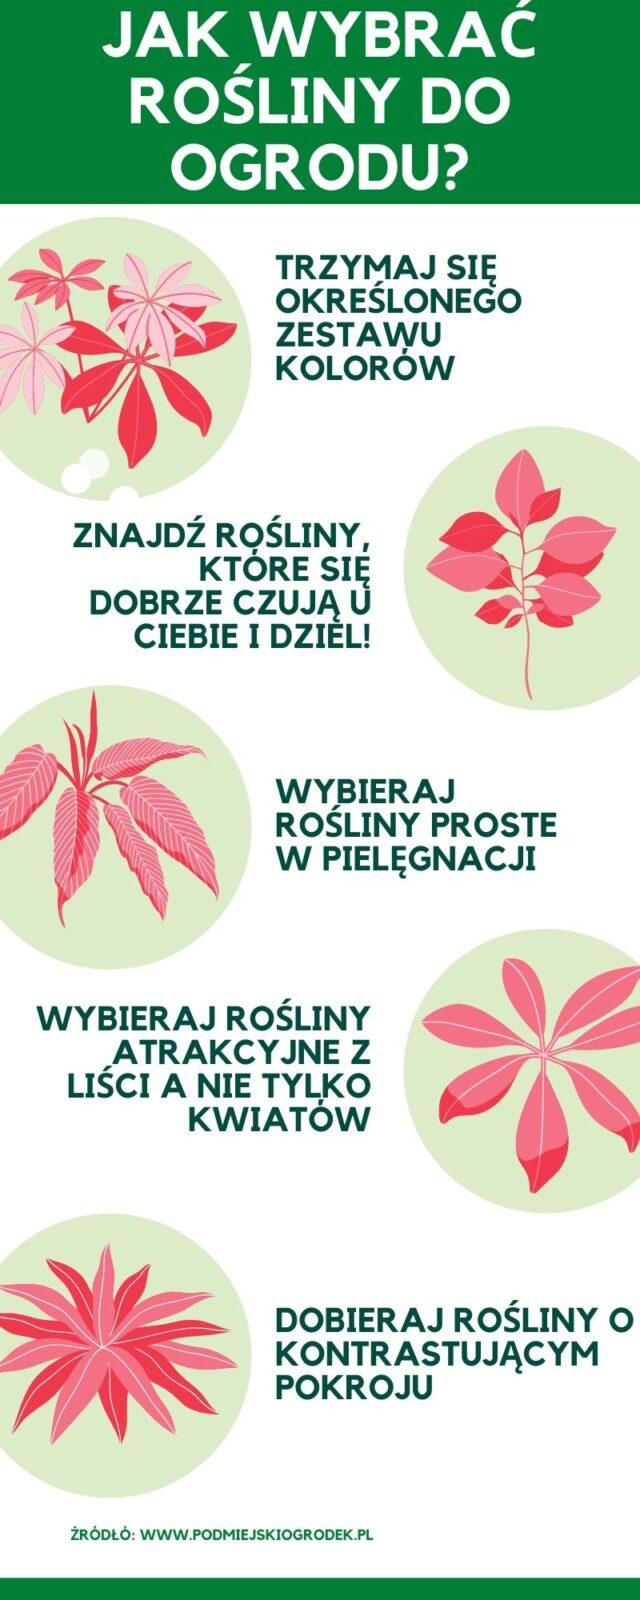 5 zasad dobierania roślin do ogrodu